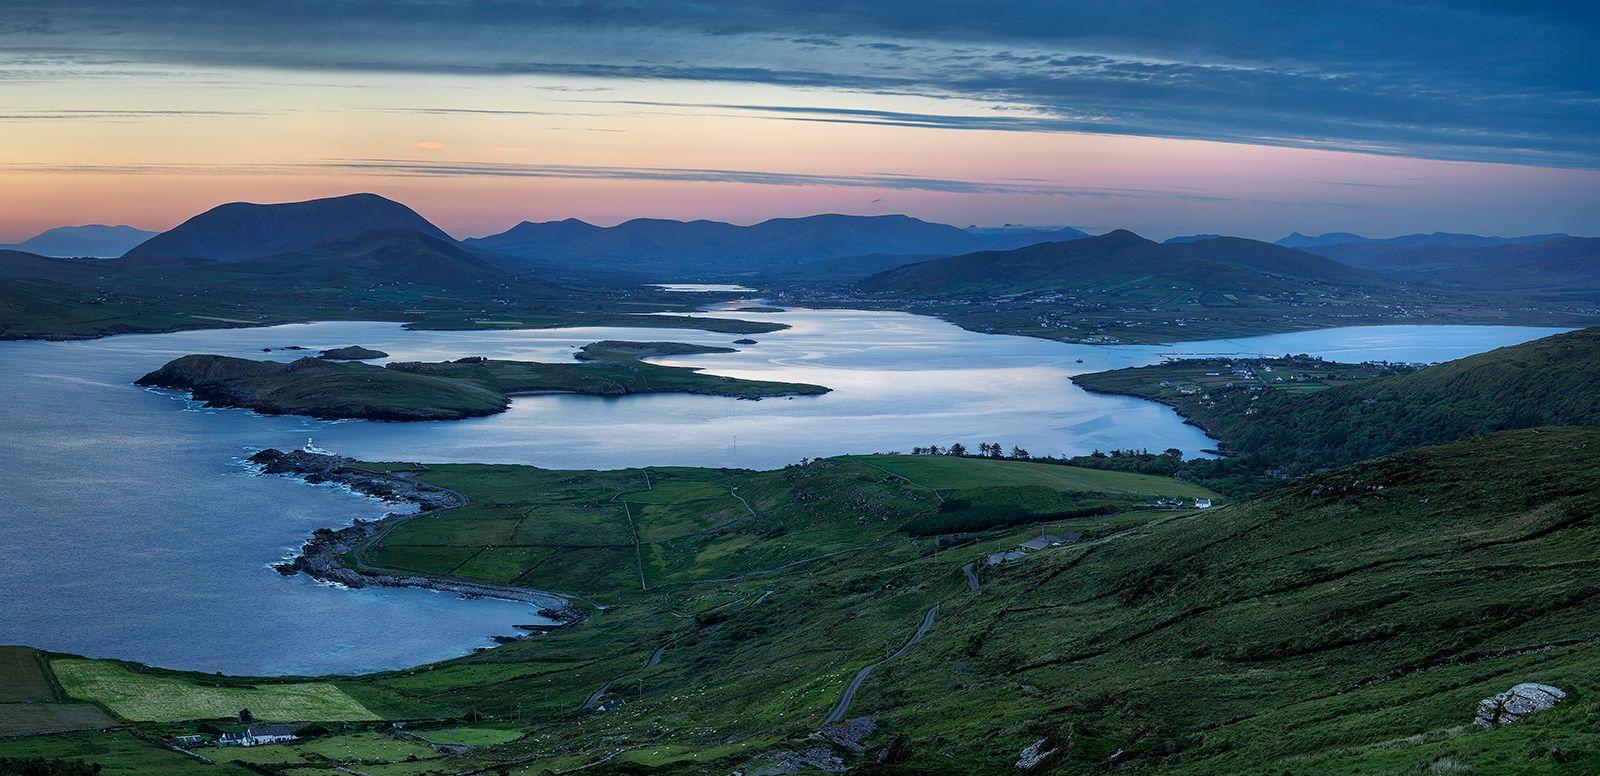 Shepherds View Irish Landscape Landscape Photos Landscape Photography